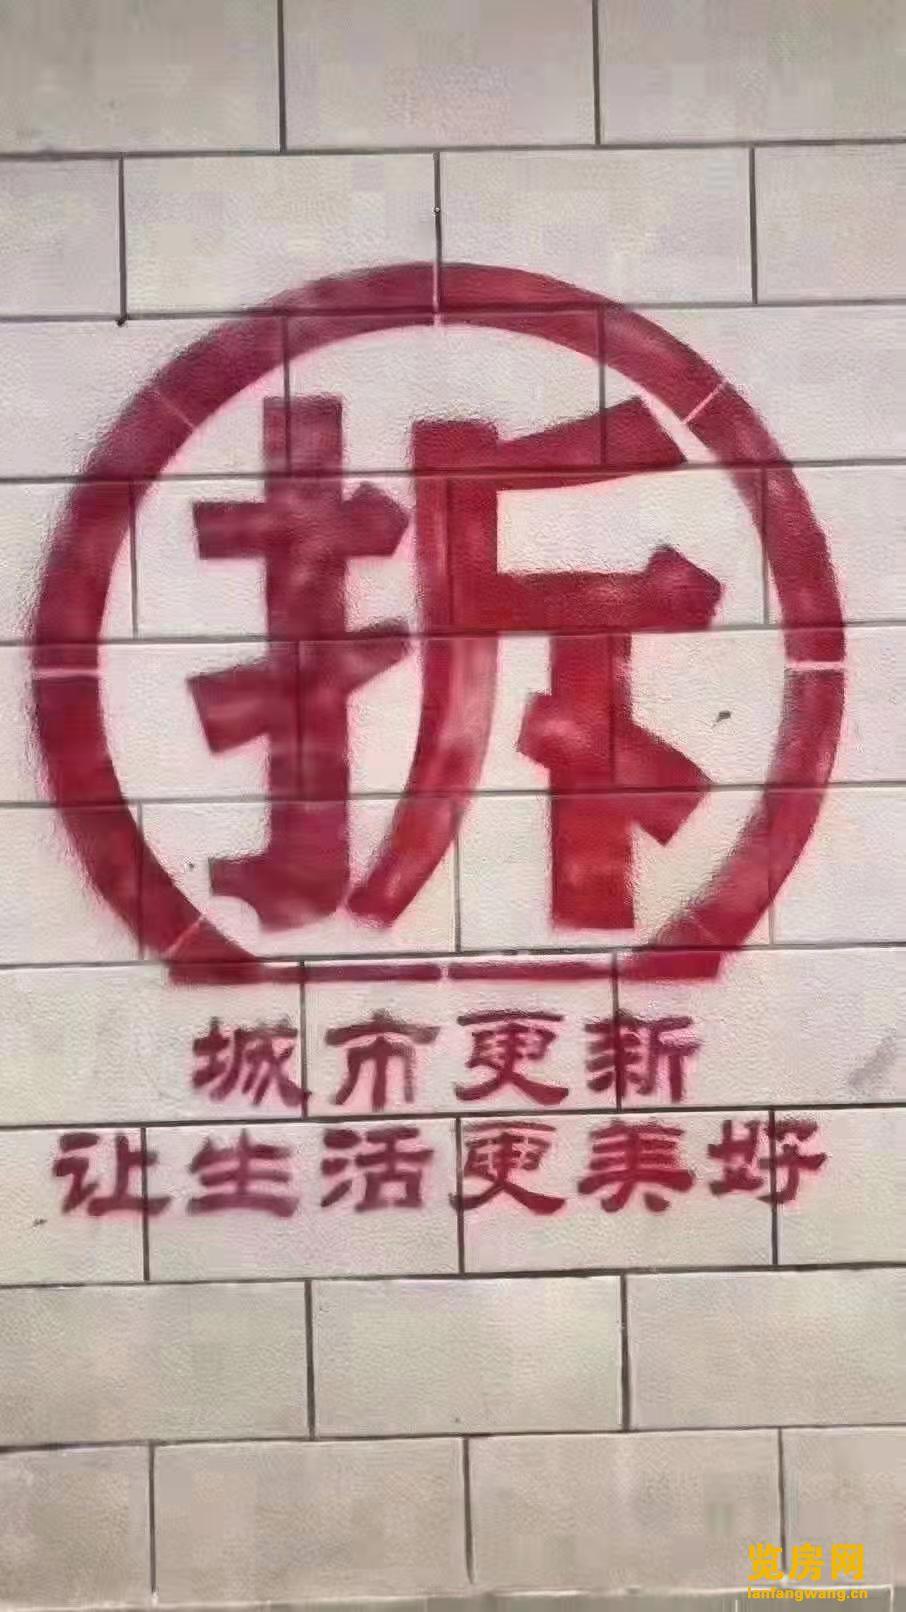 宝安福永【怀德拆迁房】4月2号震撼开盘 稀缺拆迁房  仅售1.2万/平